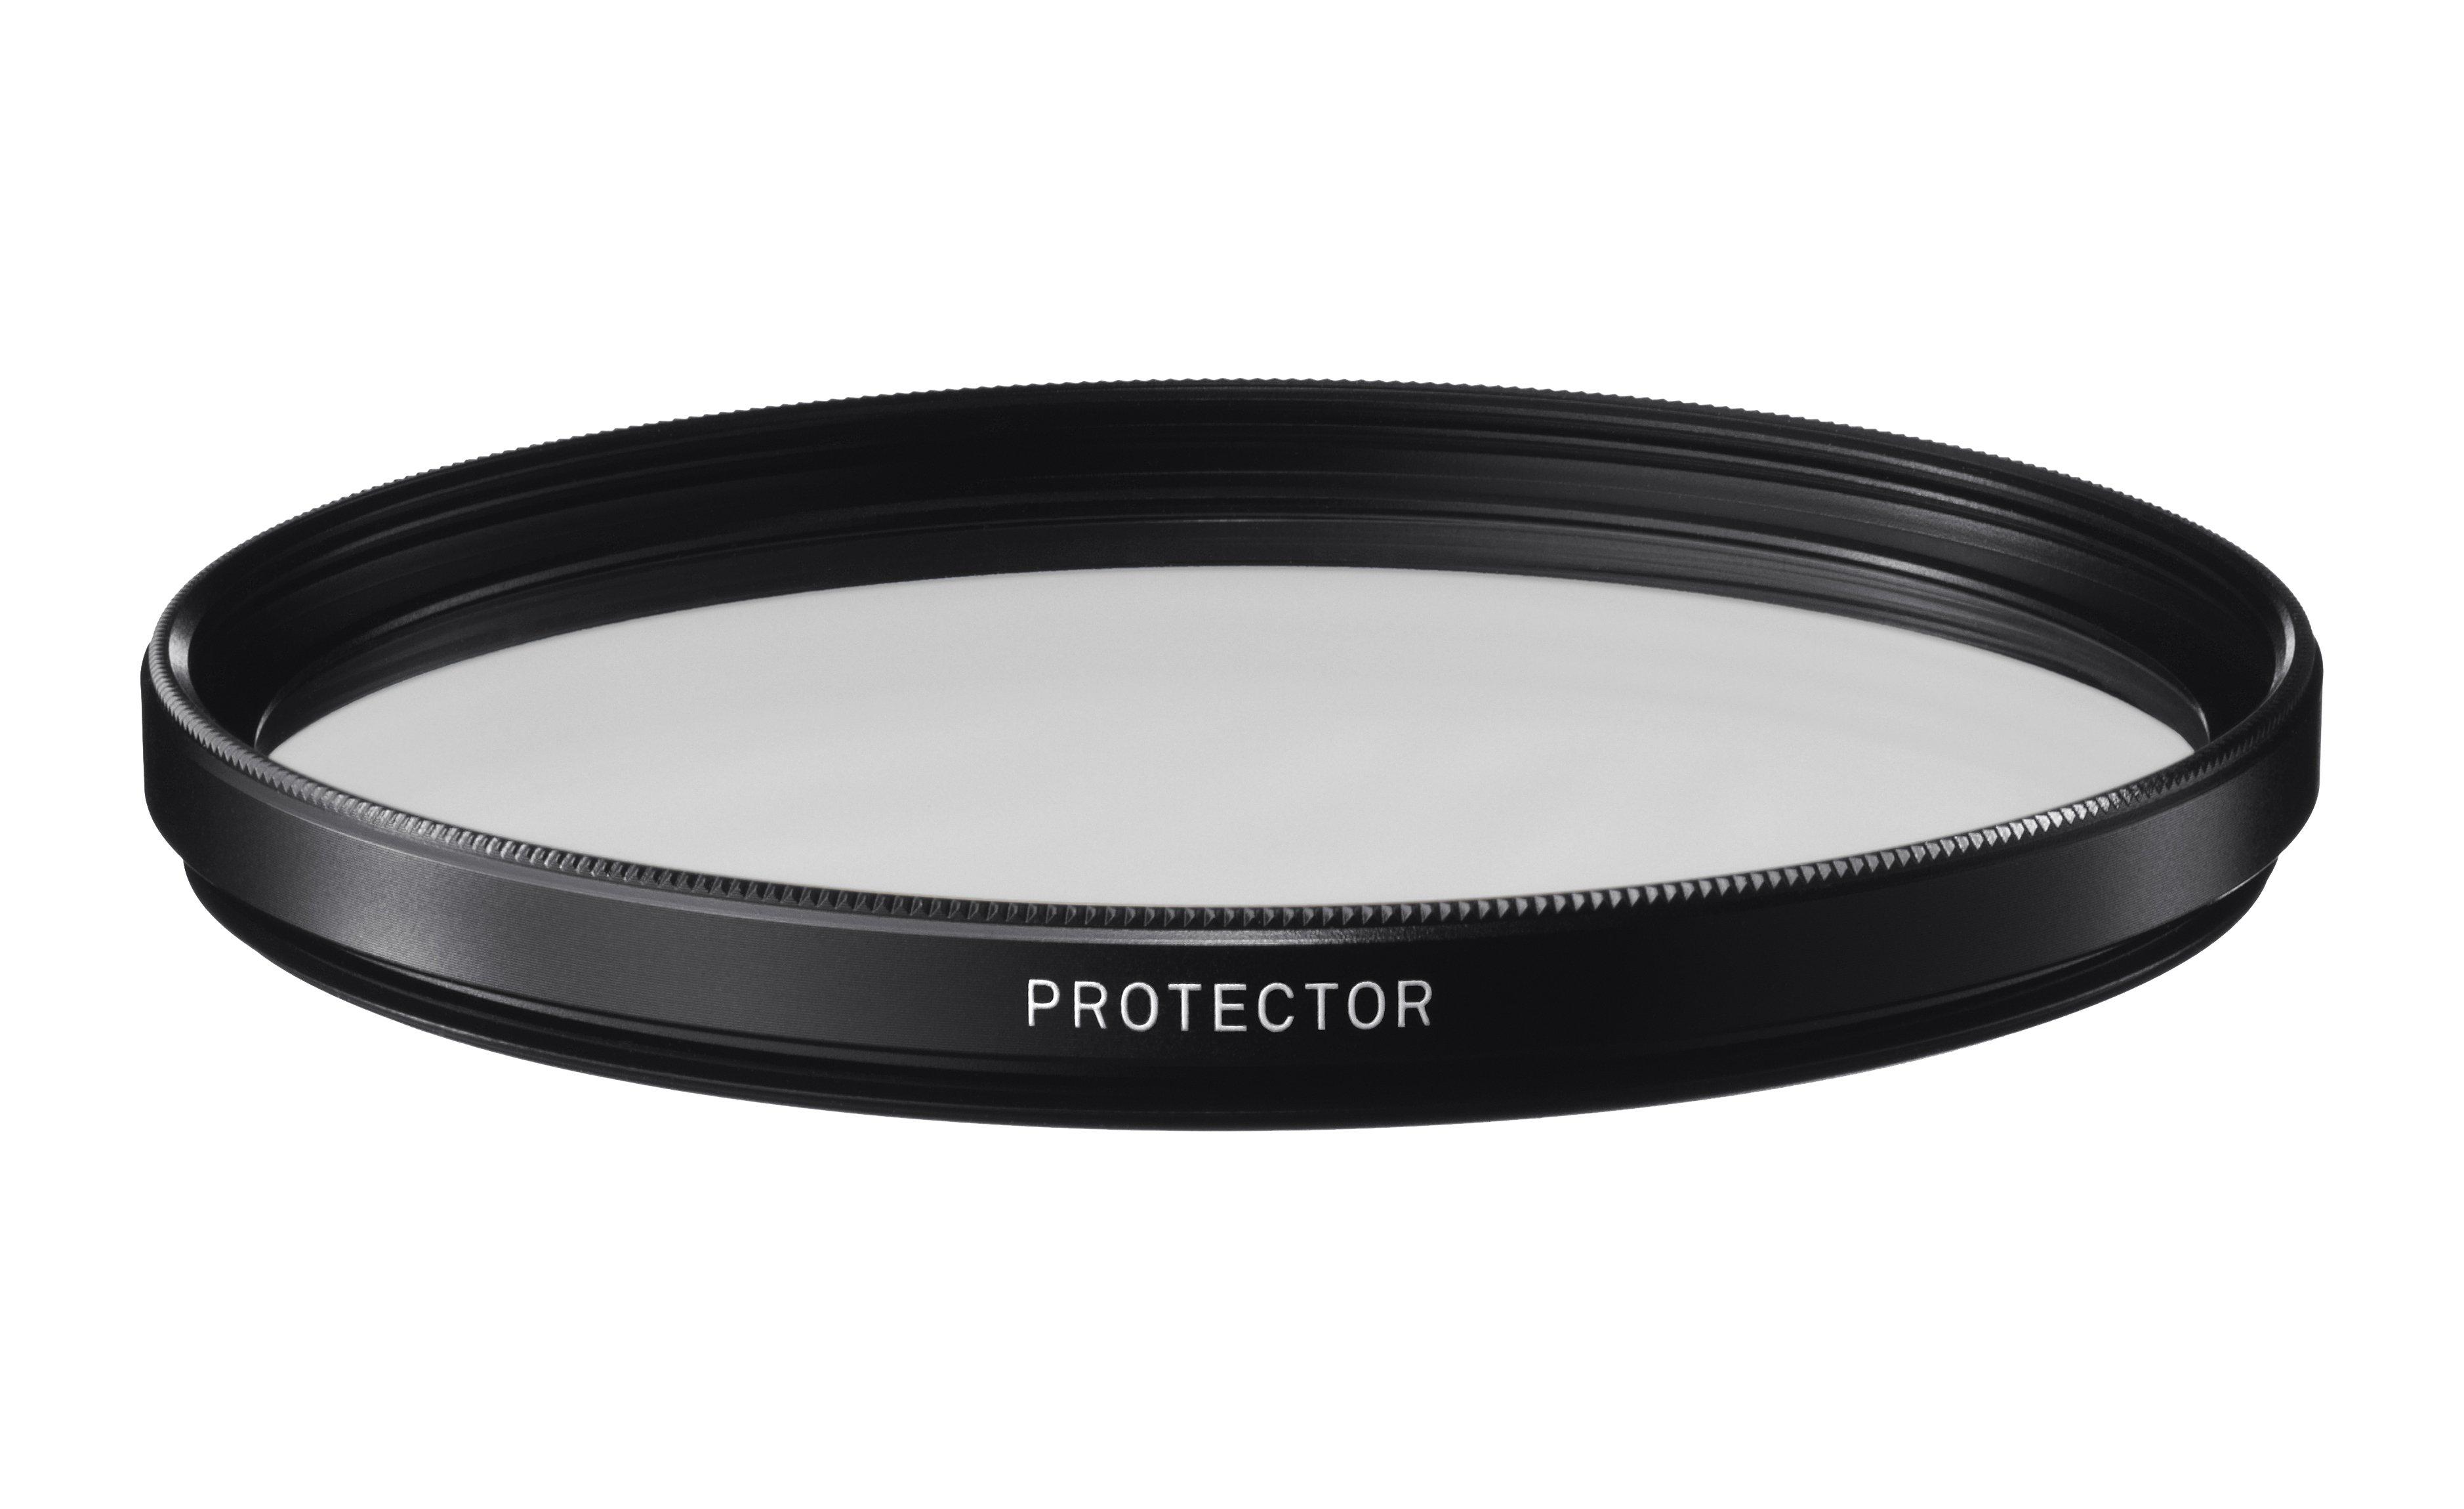 SIGMA filtr ochranný 52 mm